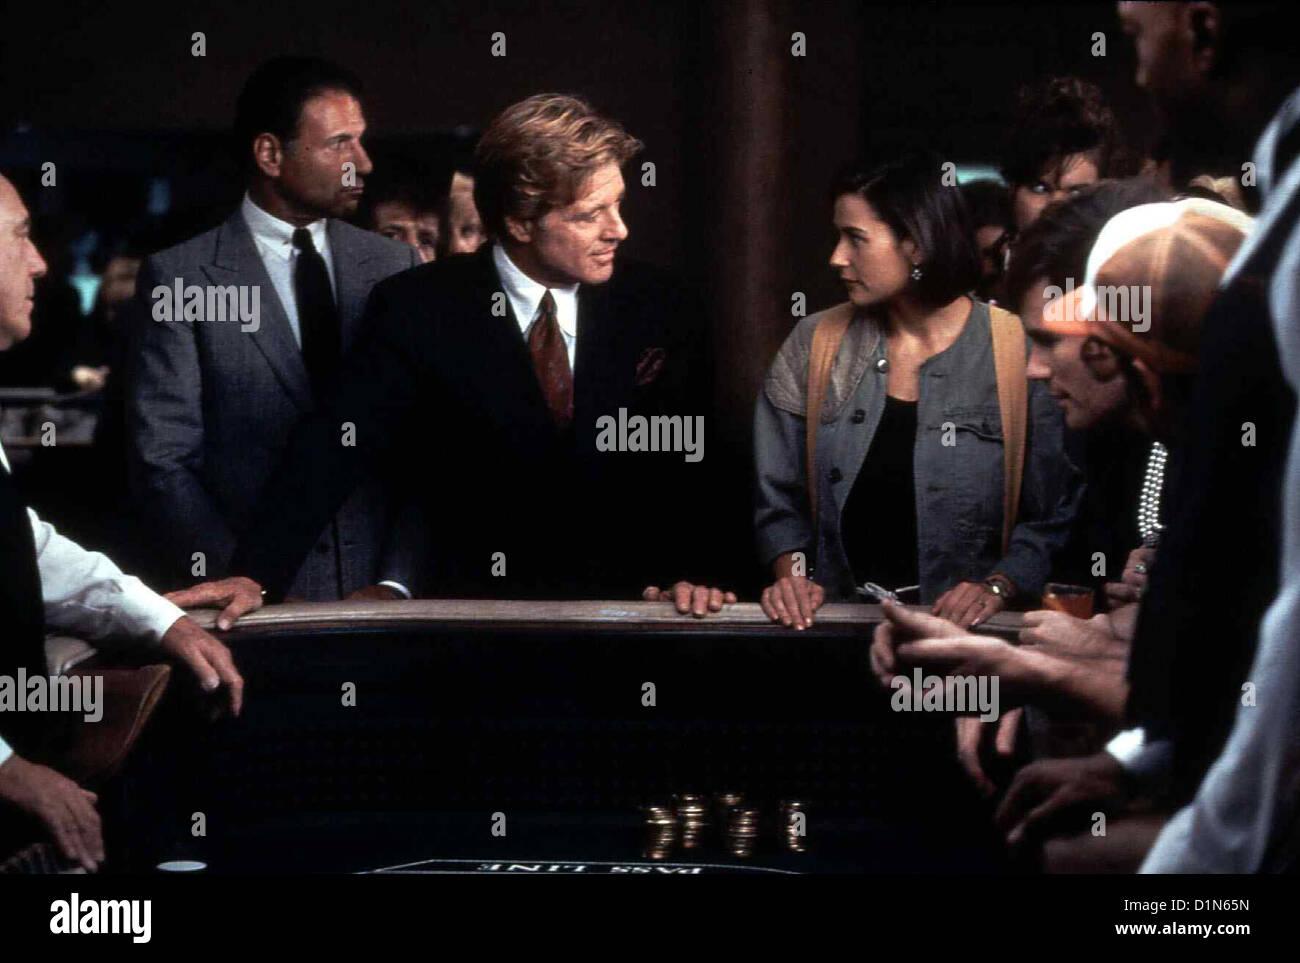 Ein Unmoralisches Angebot  Indecent Proposal  Robert Redford (m), Demi Moore Als David seinen Job verliert, faehrt - Stock Image